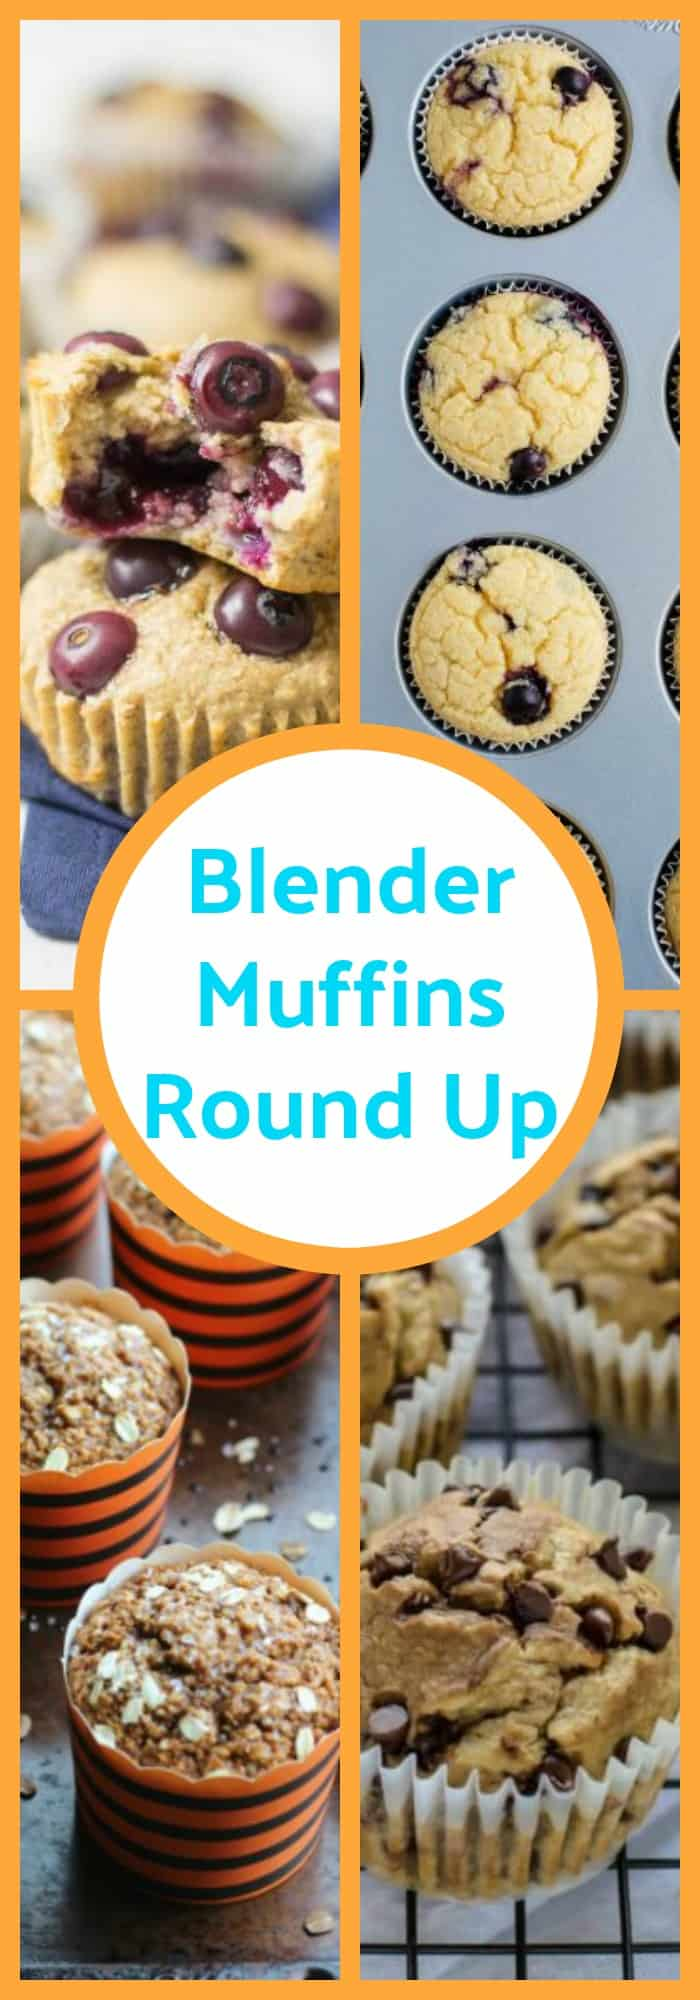 Blender Muffins Round Up